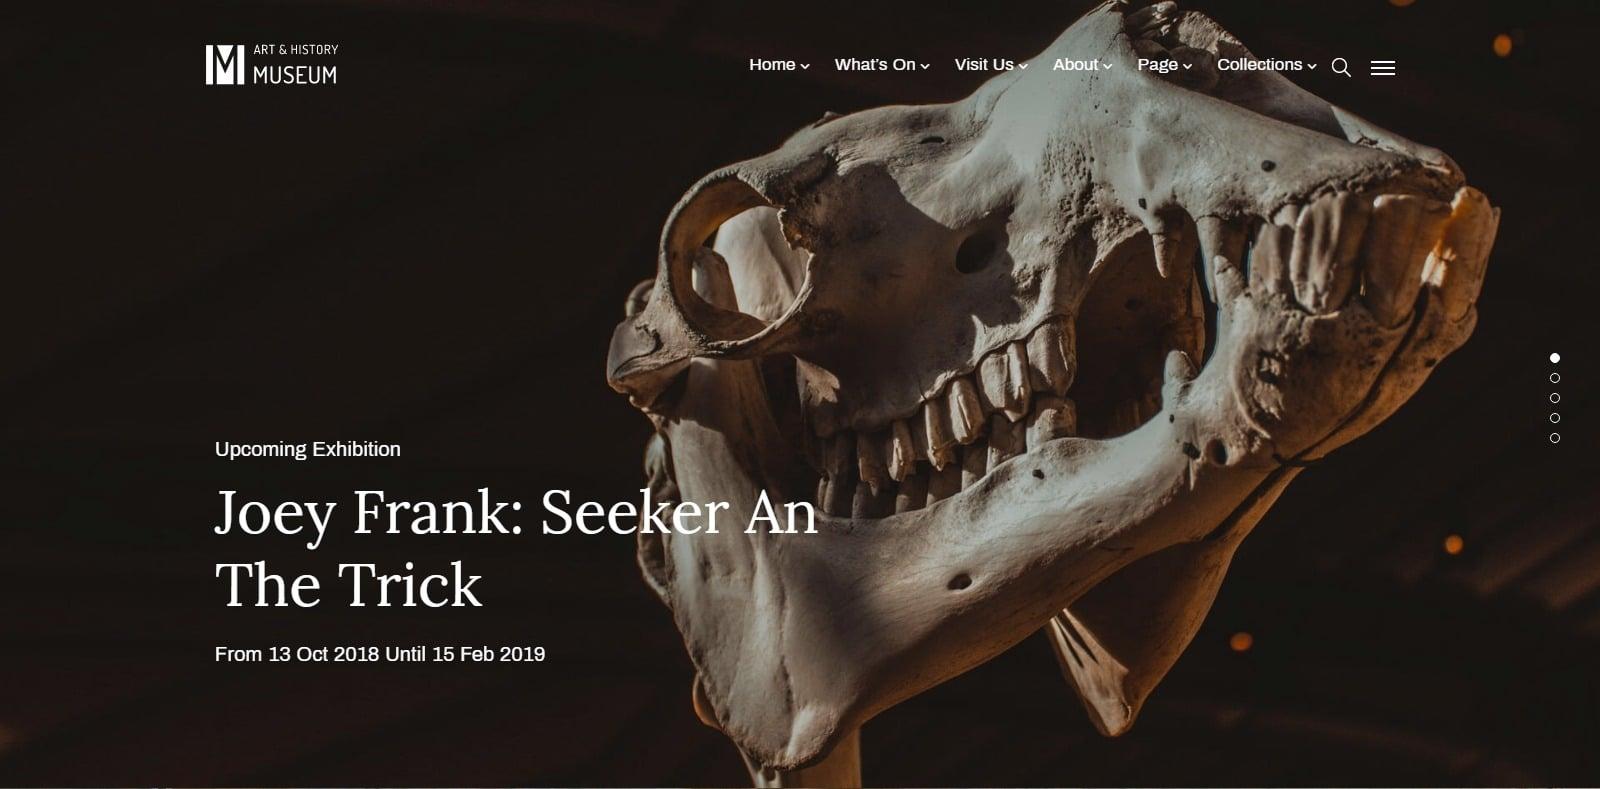 muzze-gallery-website-template